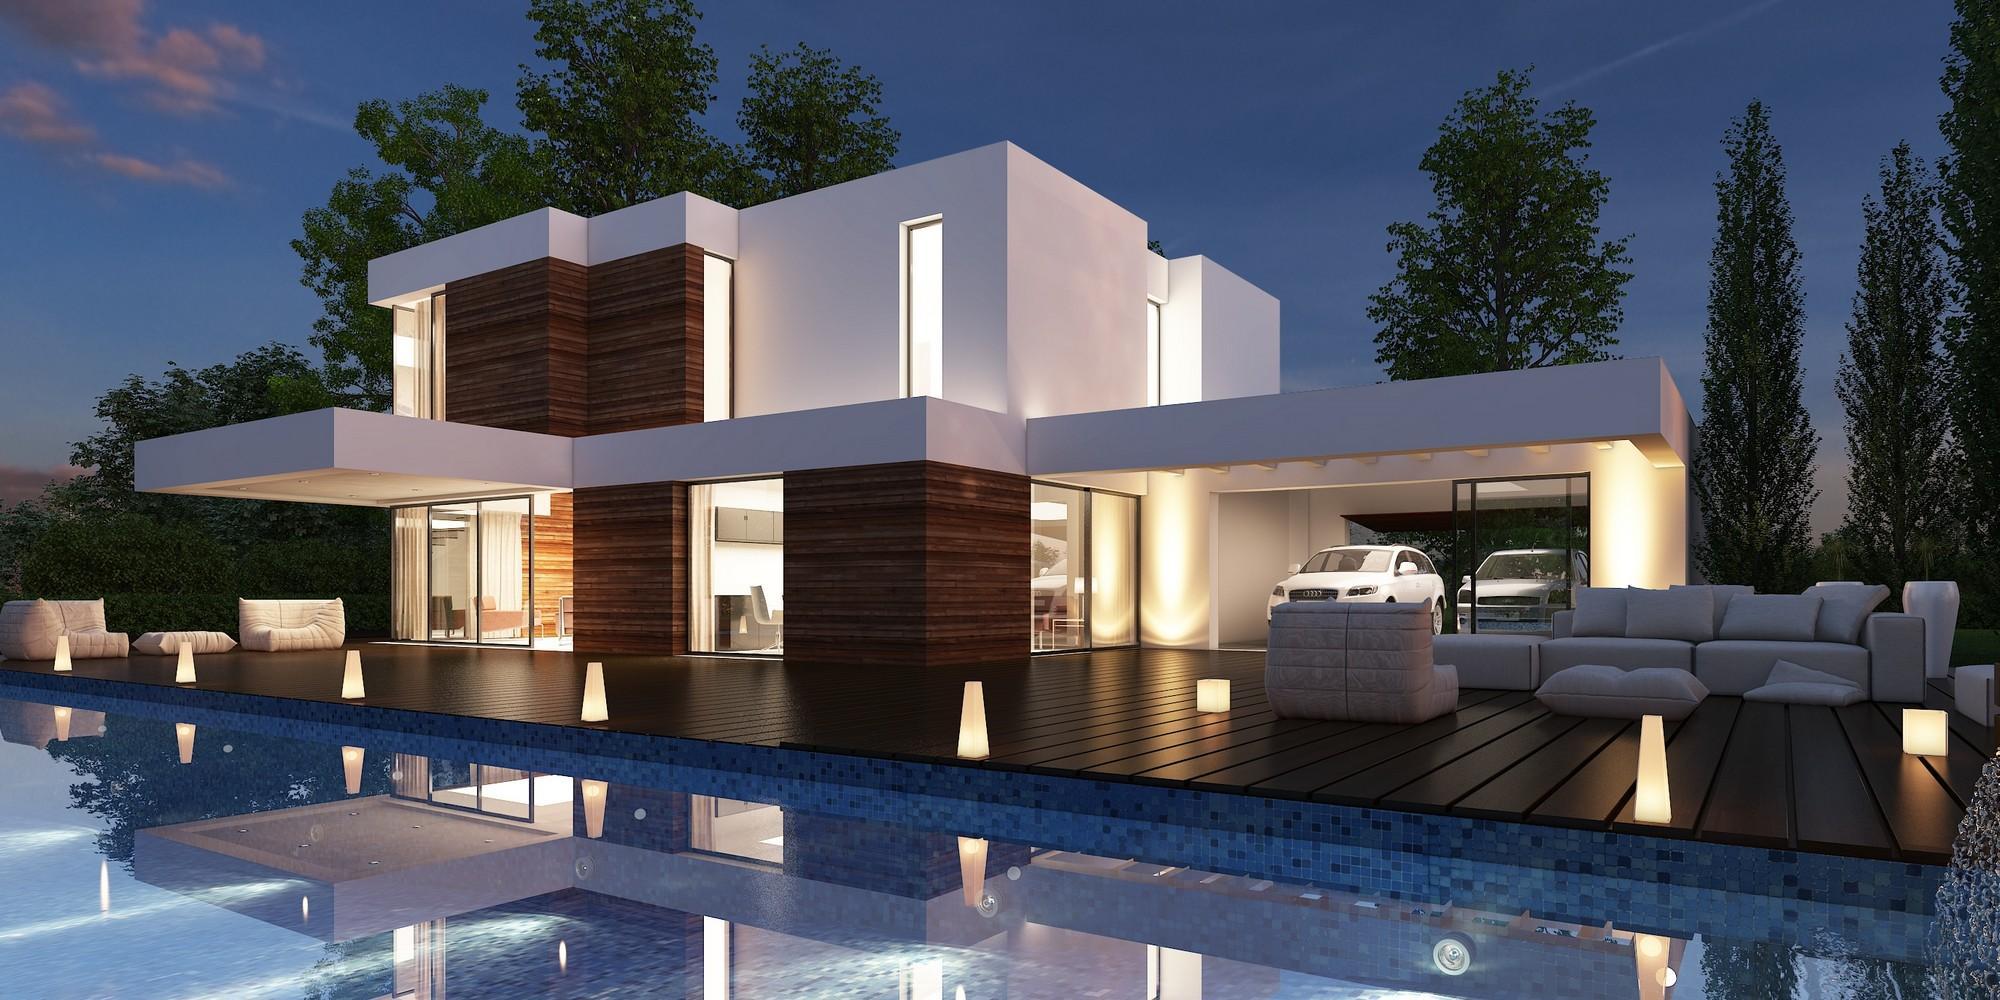 132 casas bonitas modernas fotos lindas for Proyectos casas modernas